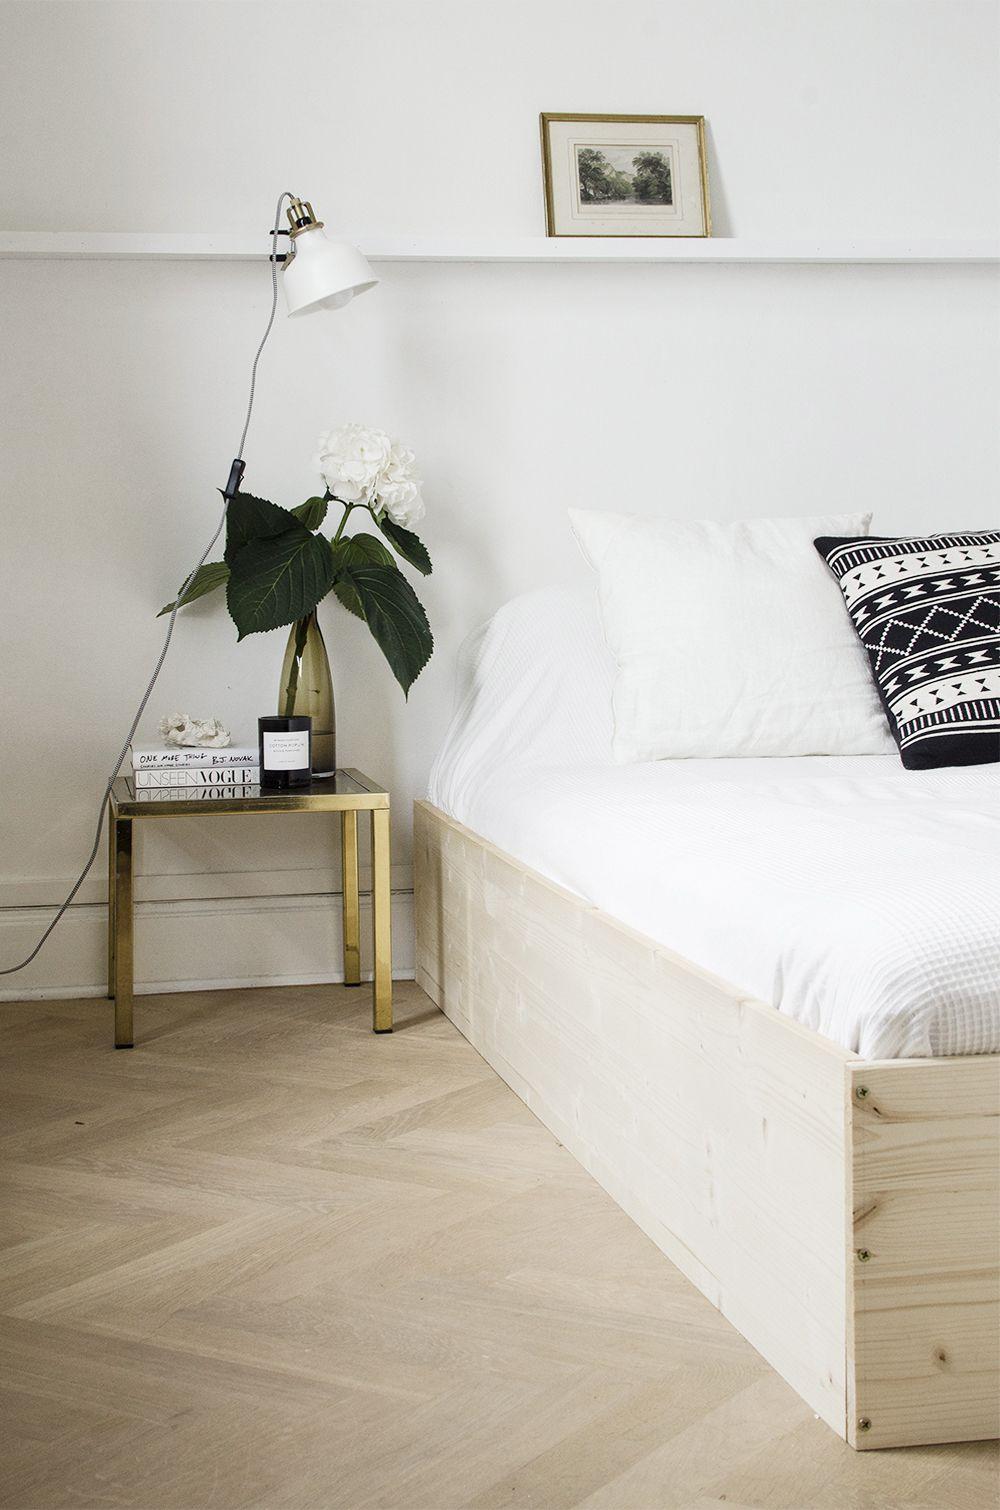 A wooden platform bed frame in a bedroom